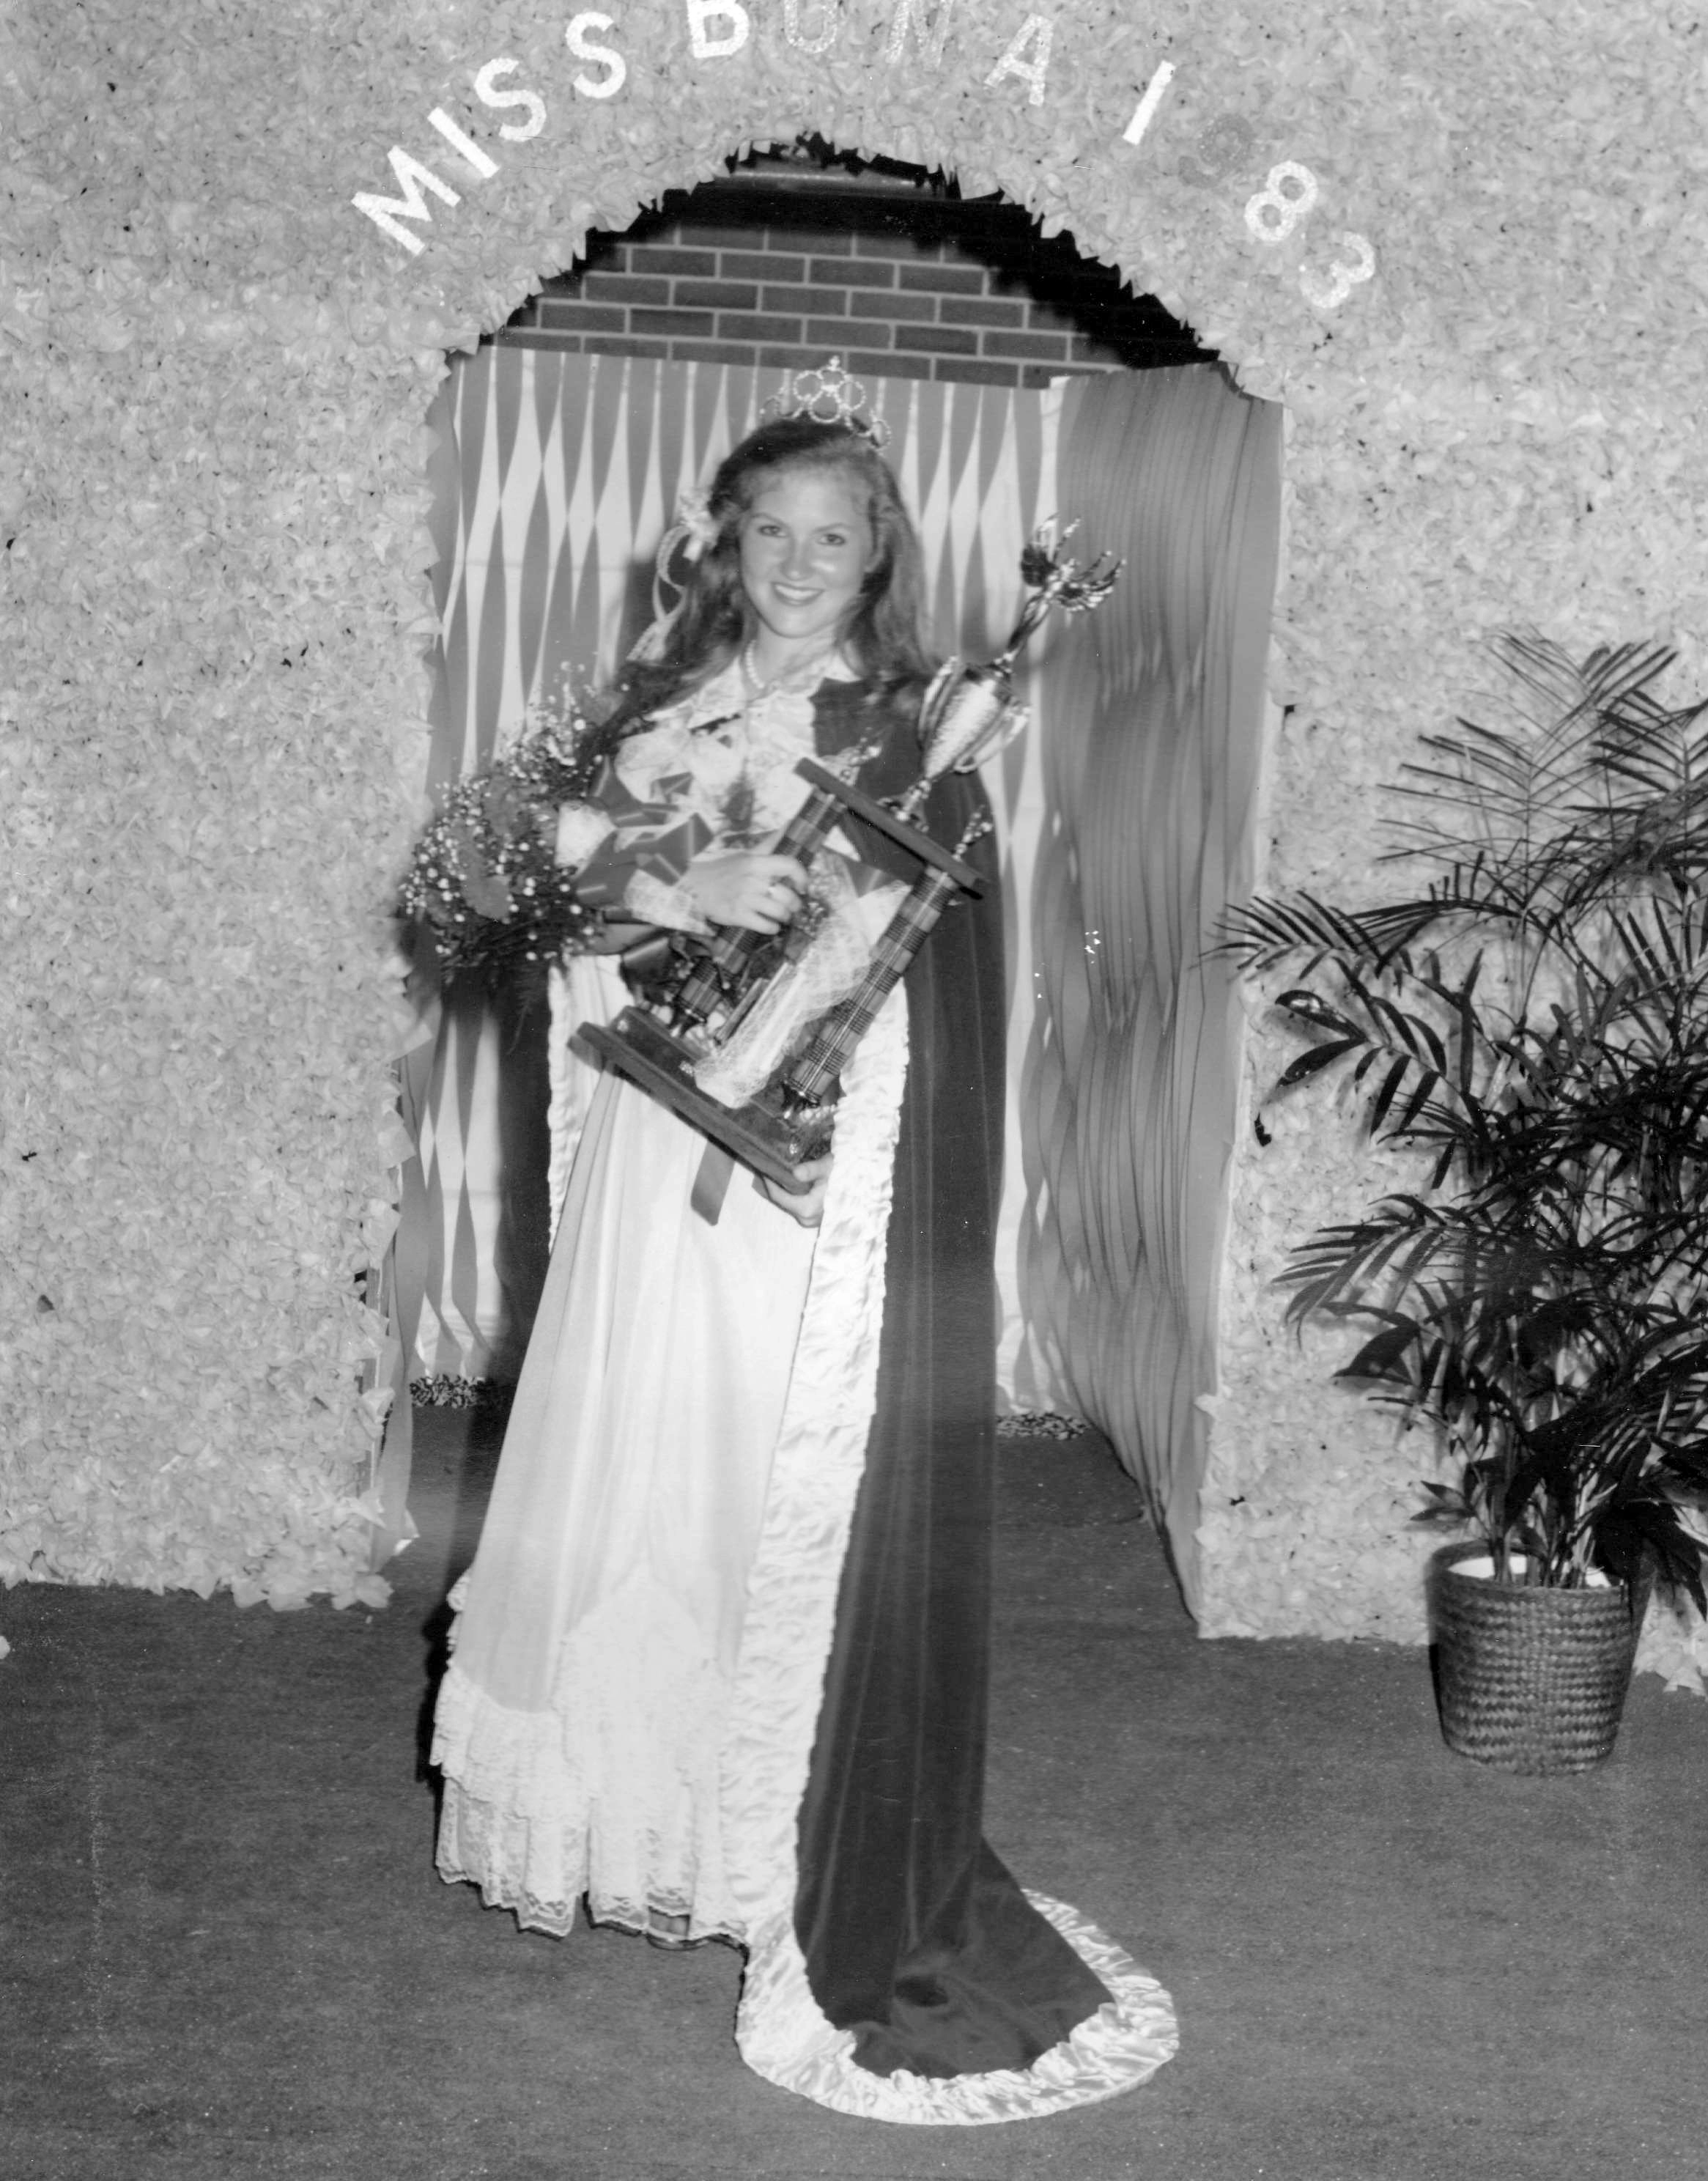 Janet Worsham Brewster - Miss Buna 1983